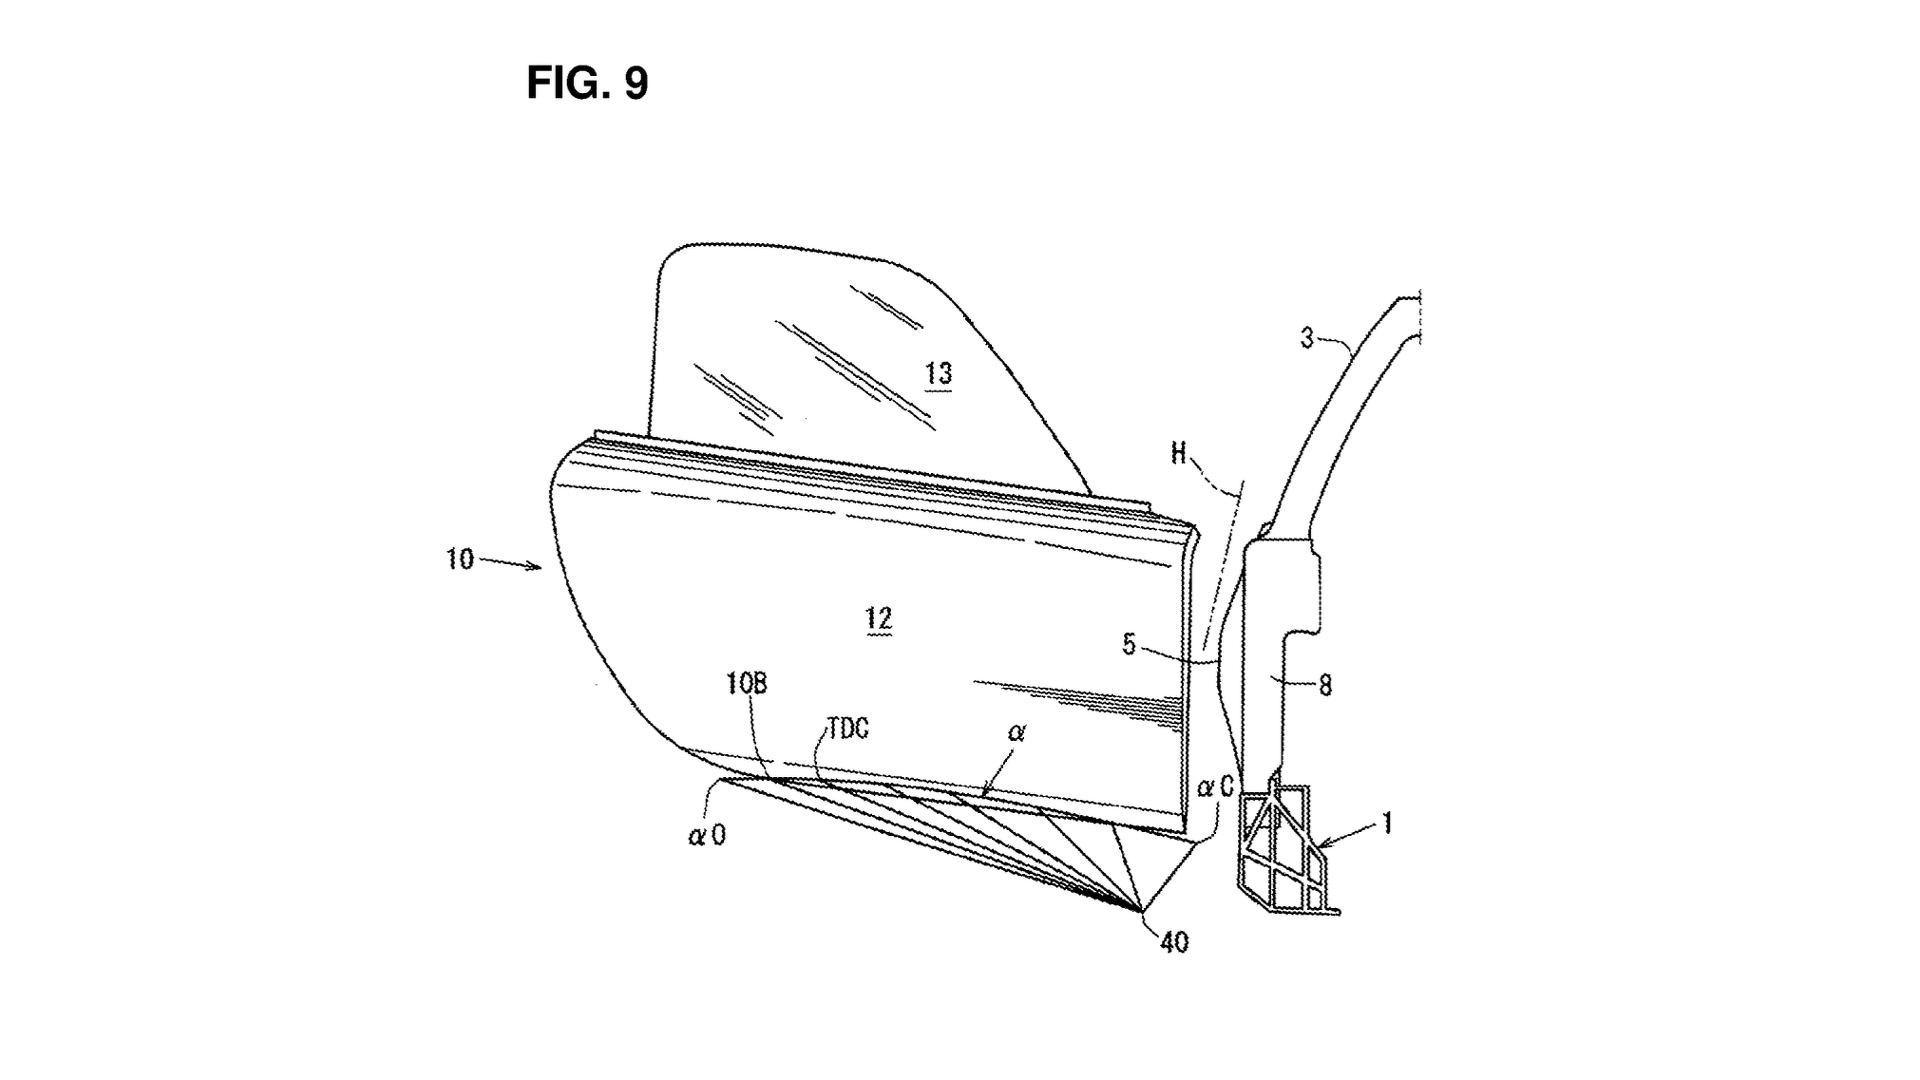 mazda-door-patent (2)